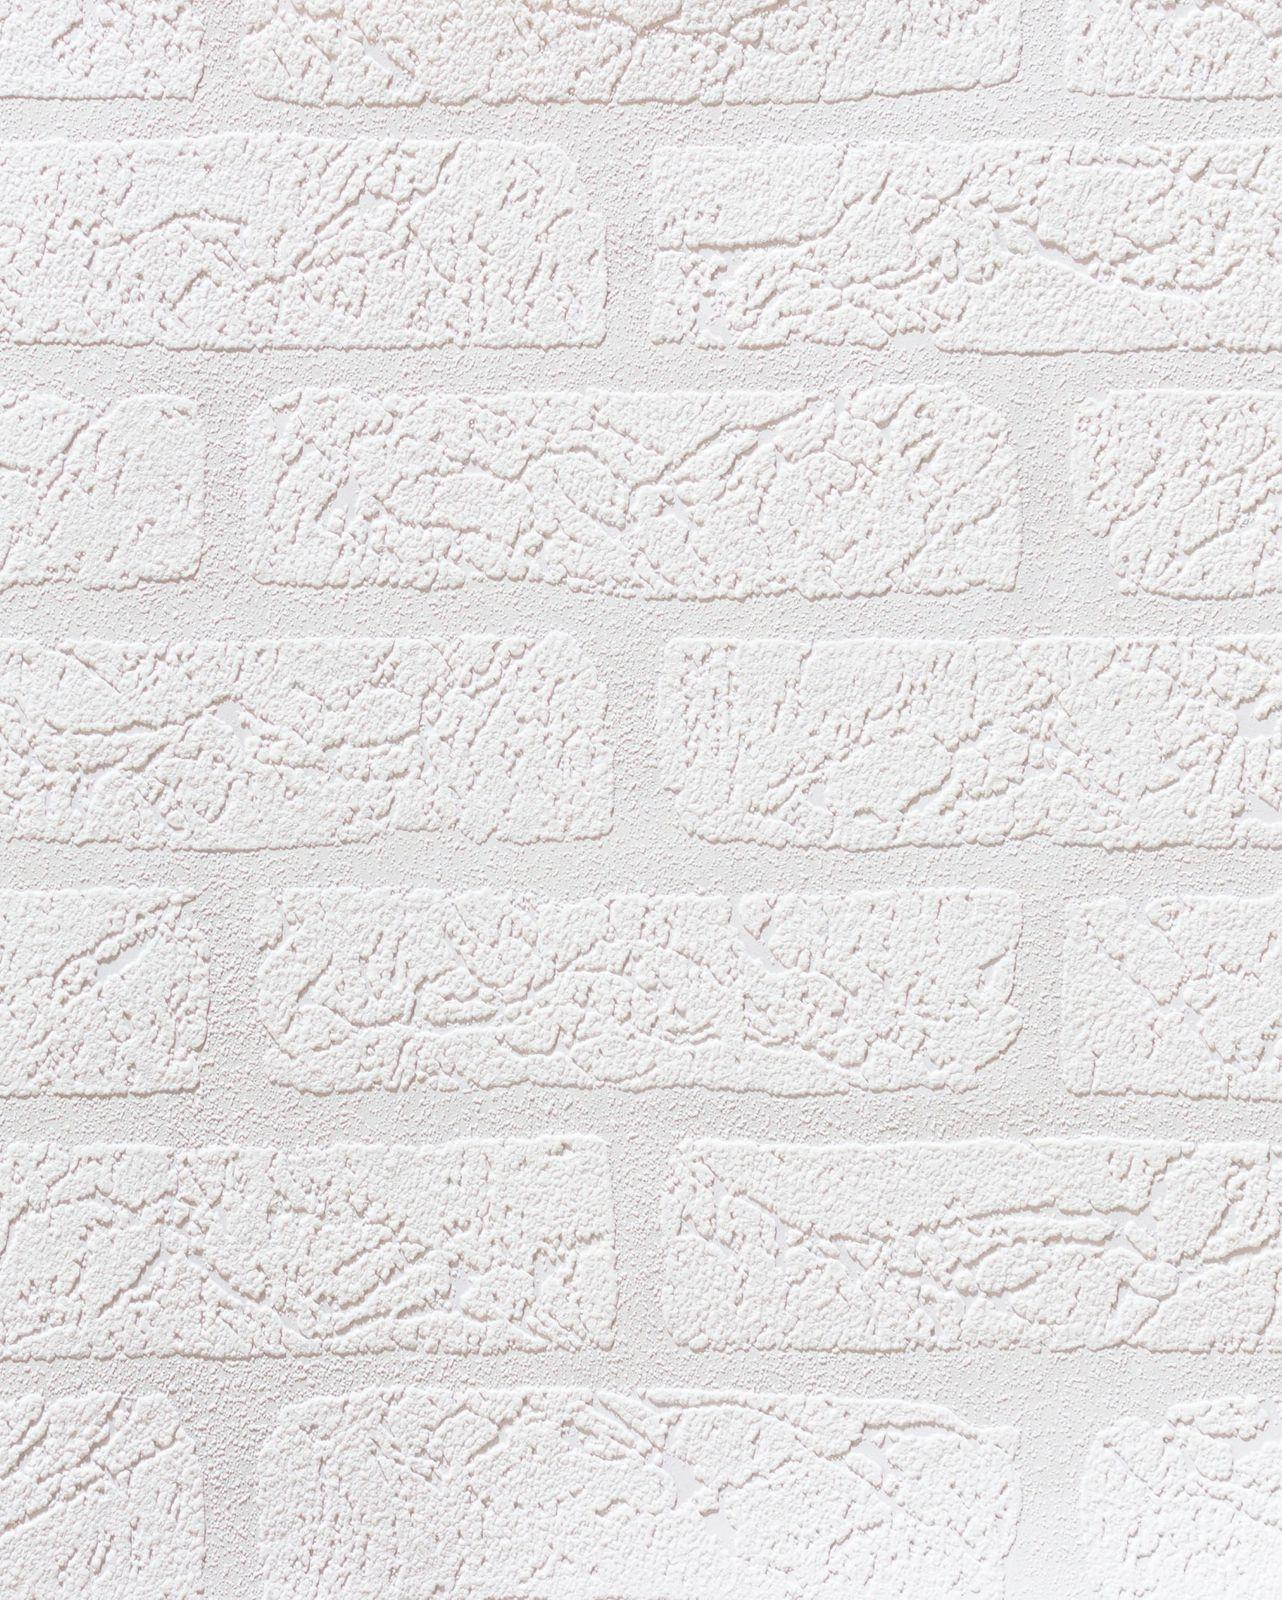 Küchentapete rasch Aqua Relief Vinyltapete 309627 Tapete Steine weiß ...